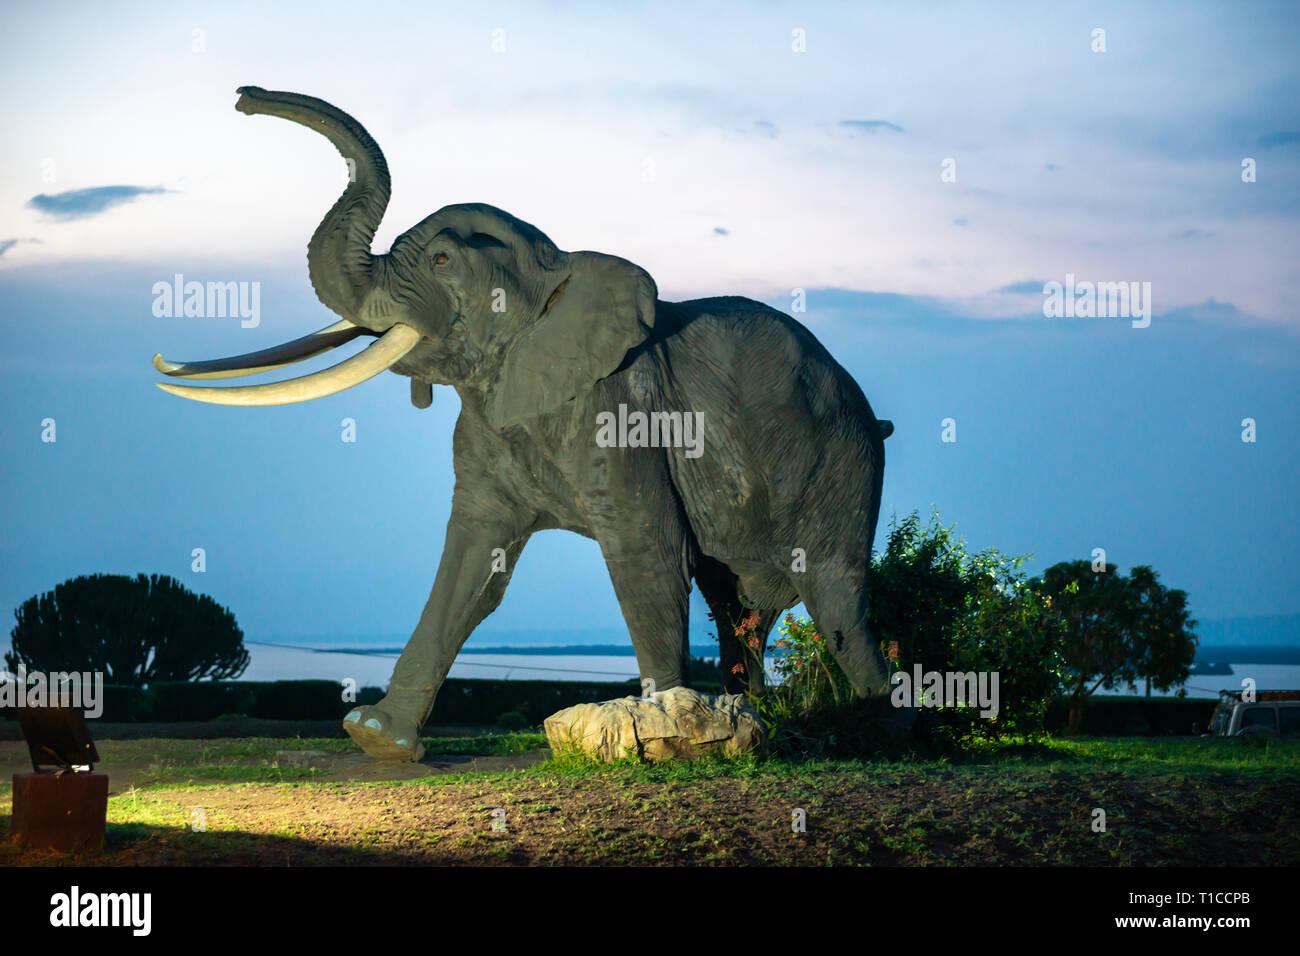 Escultura de elefante en la entrada de Mweya Safari Lodge en el Parque Nacional Queen Elizabeth en el sudoeste de Uganda, África Oriental Imagen De Stock